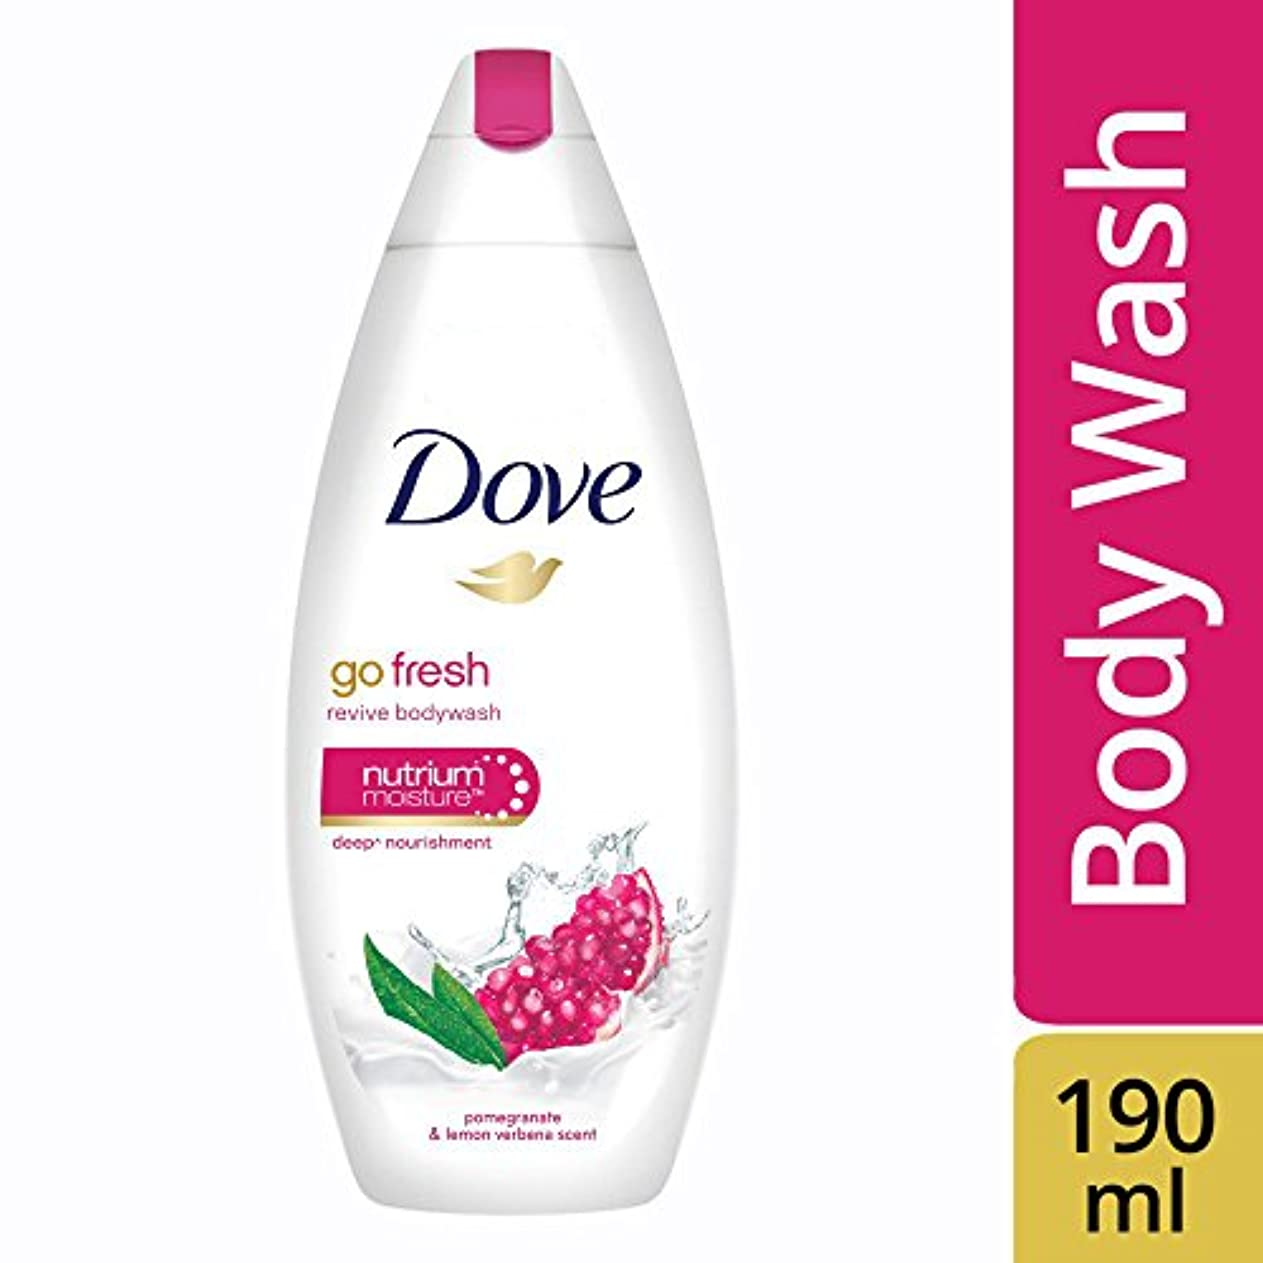 反映する虚偽戻すDove Go Fresh Revive Body Wash, 190ml